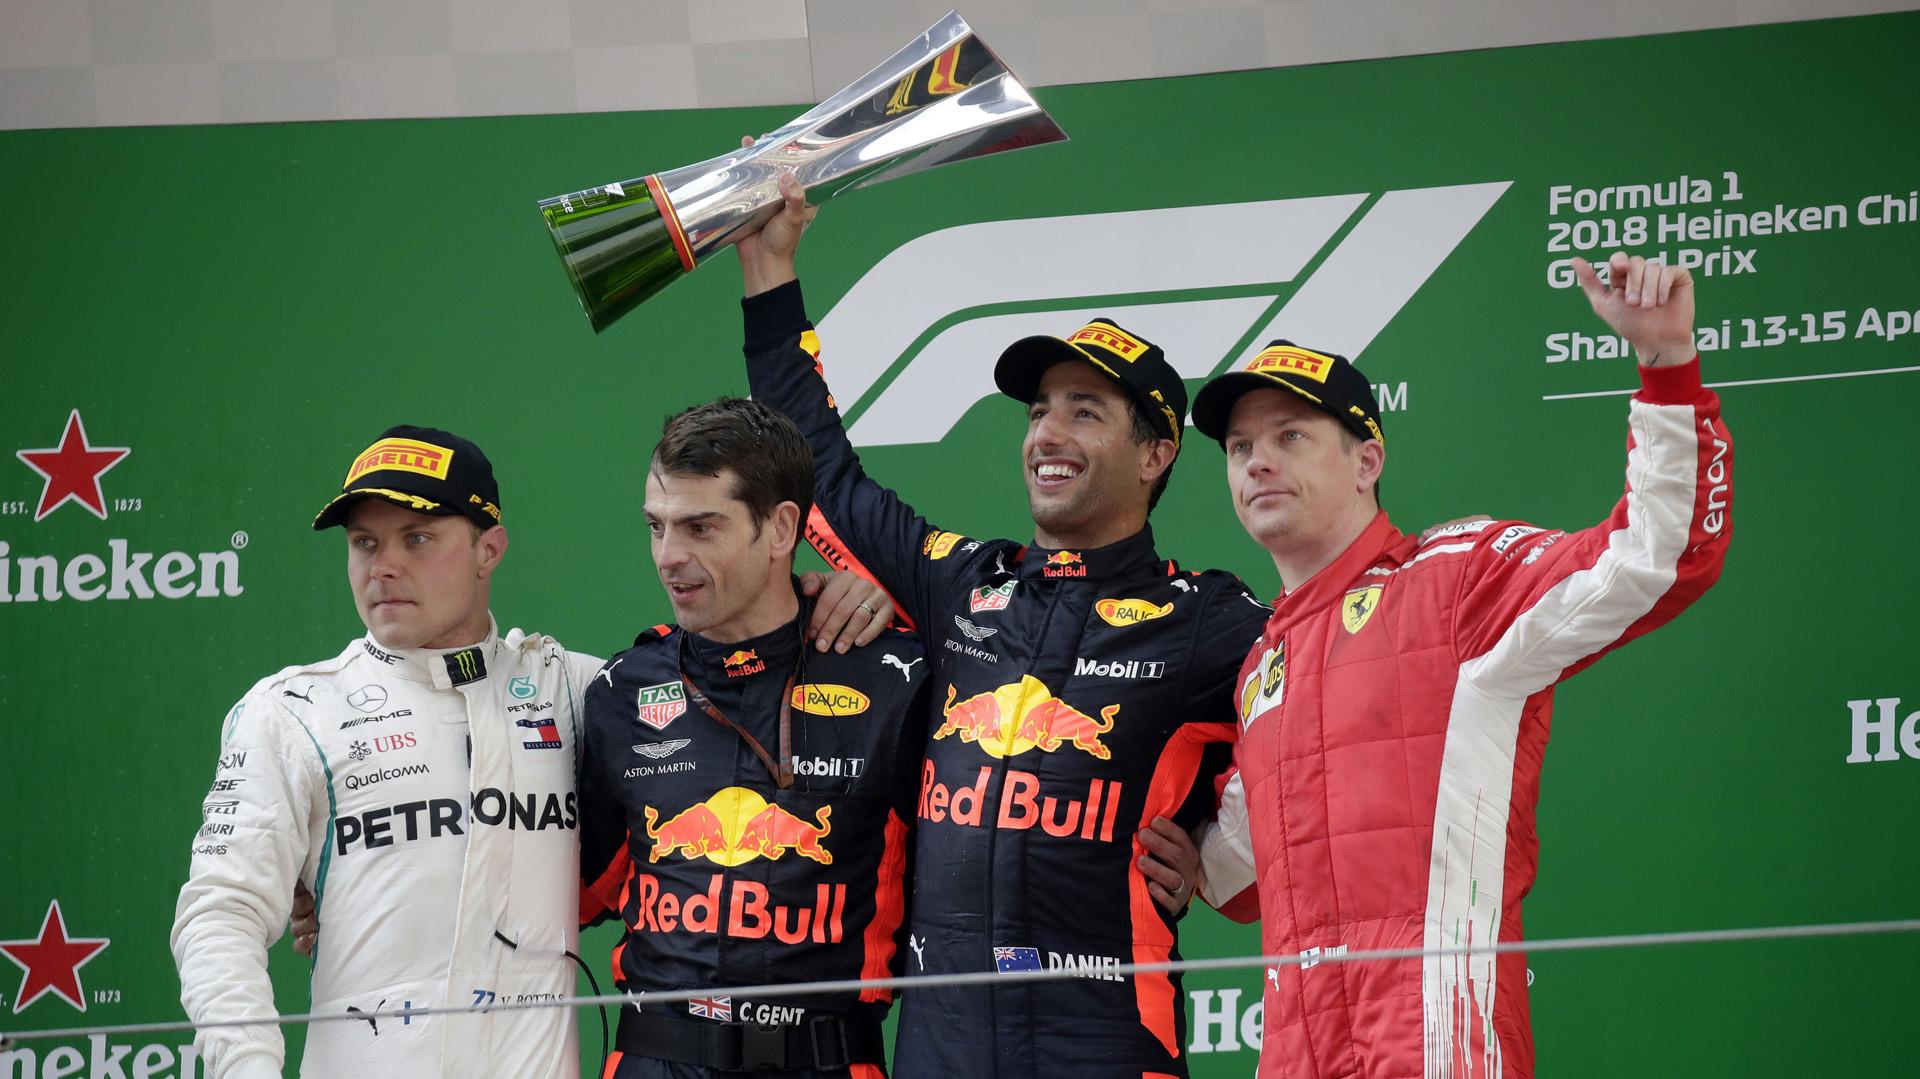 Daniel Ricciardo, con el trofeo, celebra su triunfo en el Gran Premio de China de la Fórmula Uno 2018. A su derecha, de blanco, Kimi Raikkonen. A su izquierda, de rojo, Valtteri Bottas, los pilotos que completaron el podio(AP)